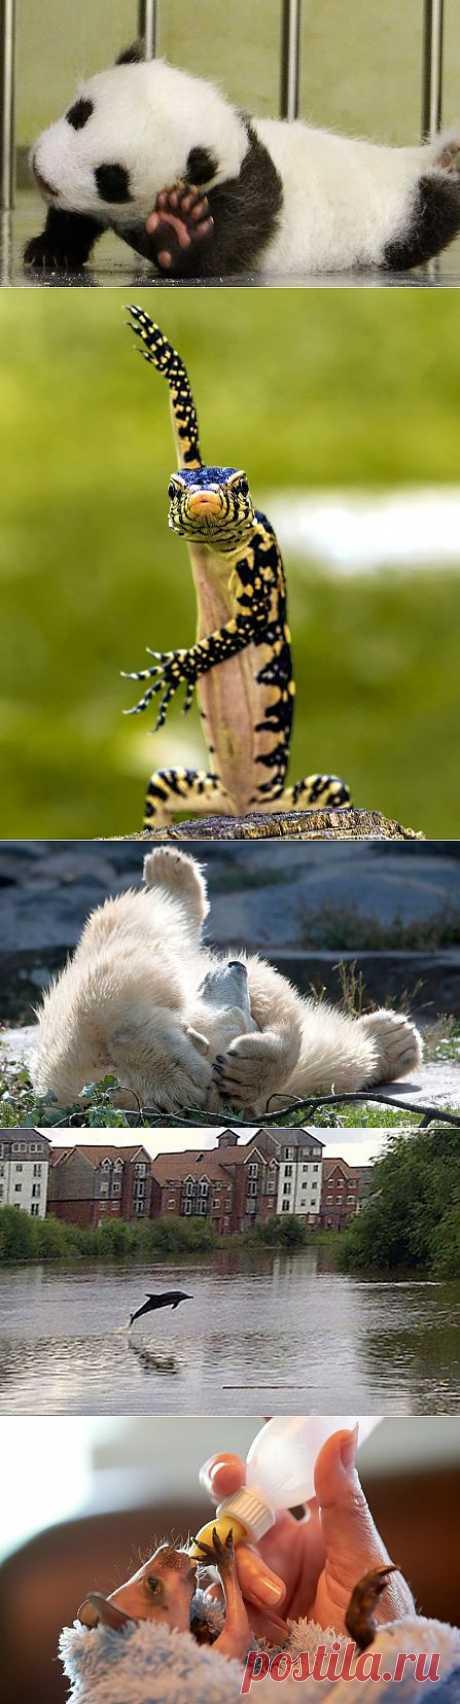 » Фотографии животных за неделю Это интересно!